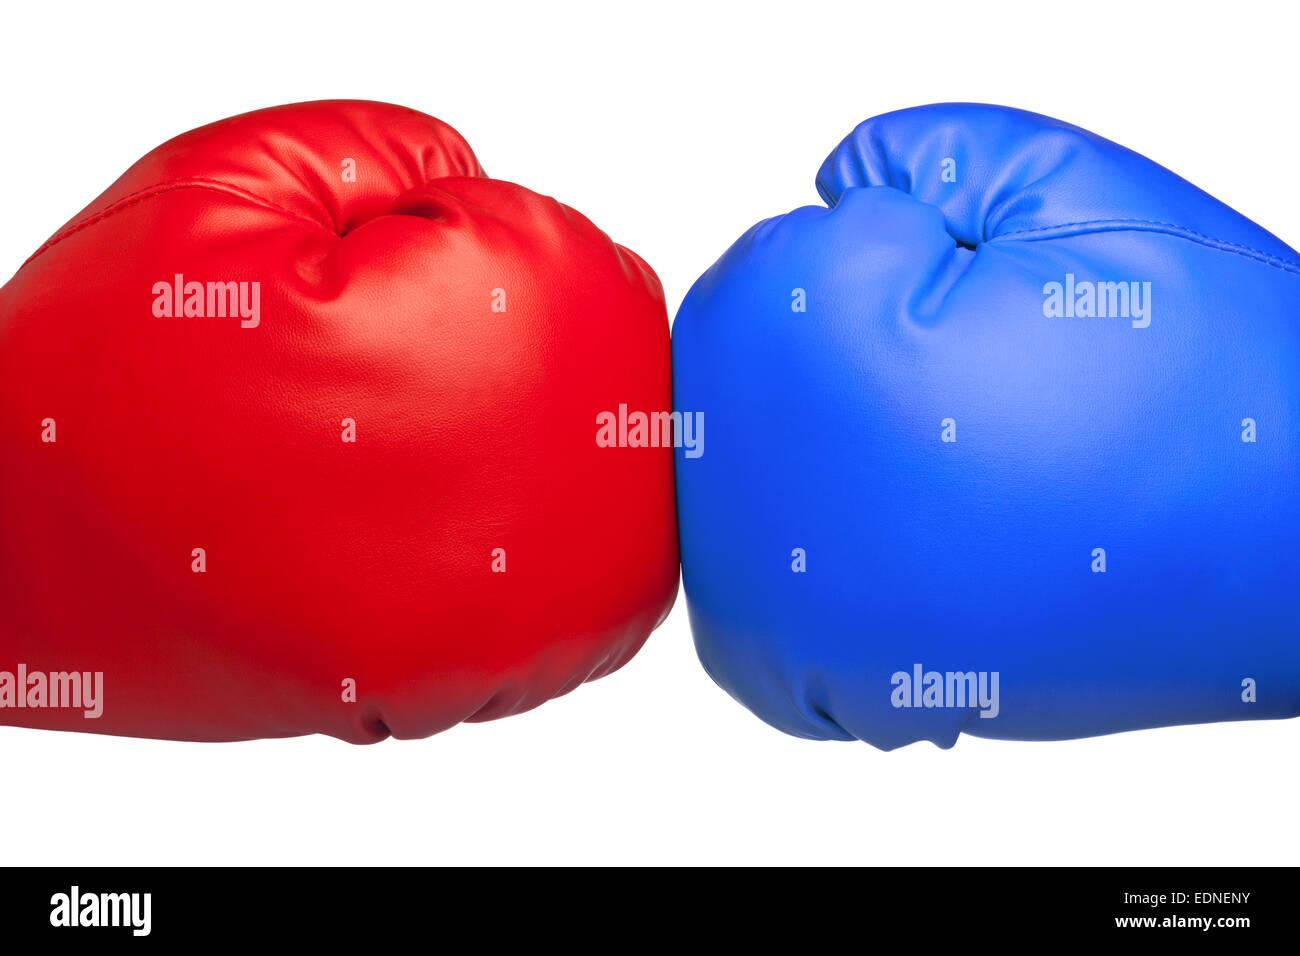 Nahaufnahme von roten und blauen Boxhandschuhe stoßen isolierten auf weißen Hintergrund Stockbild